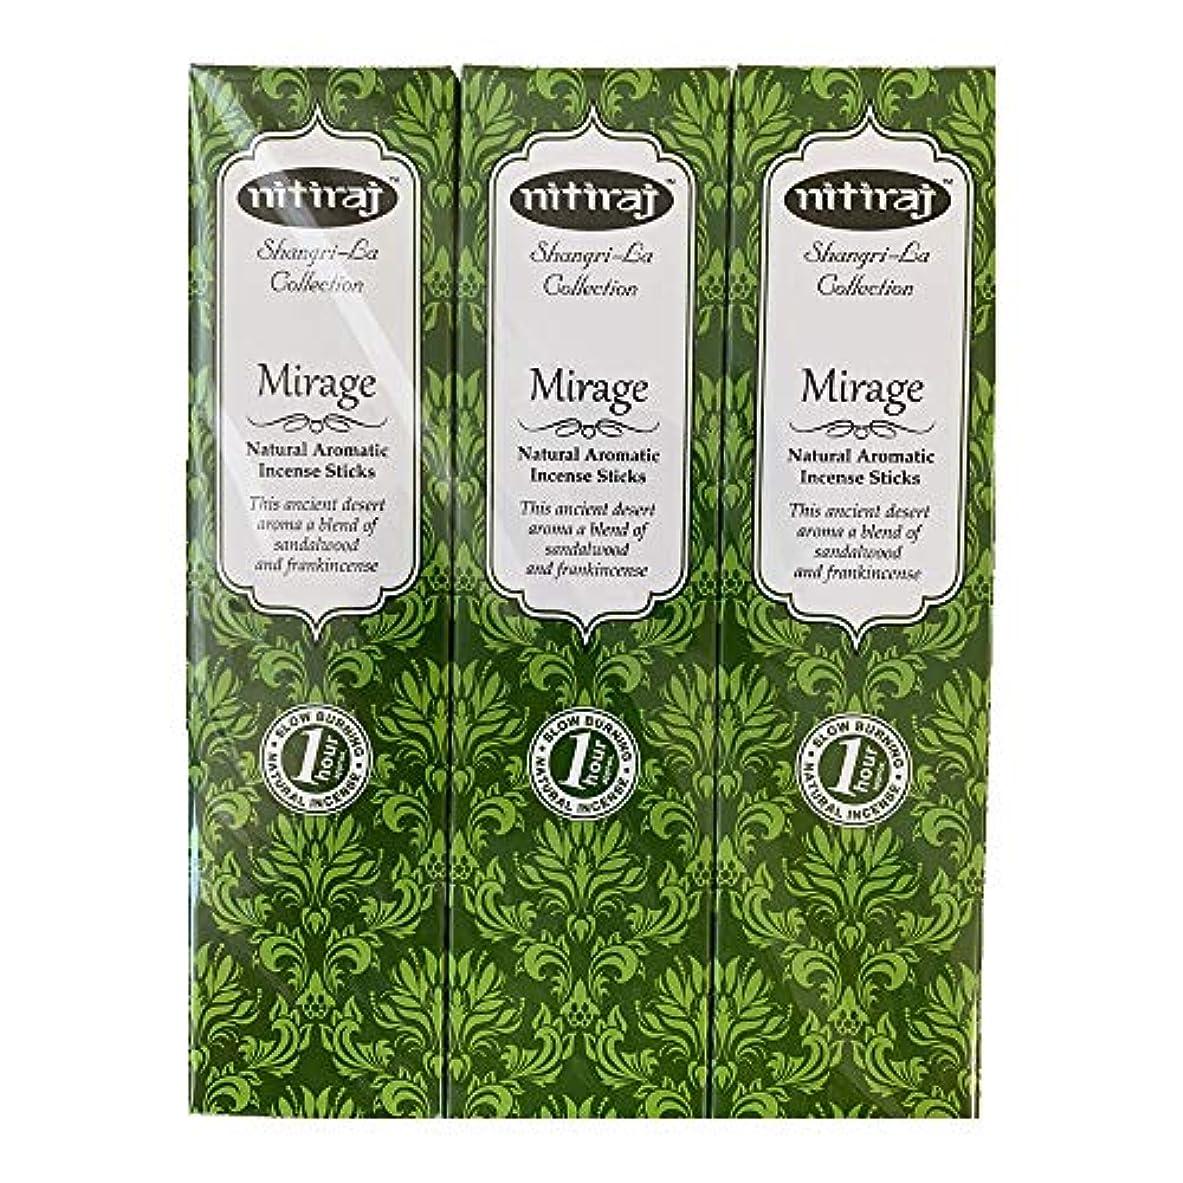 モードリン責可愛いお香 アロマインセンス Nitiraj(ニティラジ)Mirage(蜃気楼) 3箱セット(30本/1箱10本入り)100%天然素材